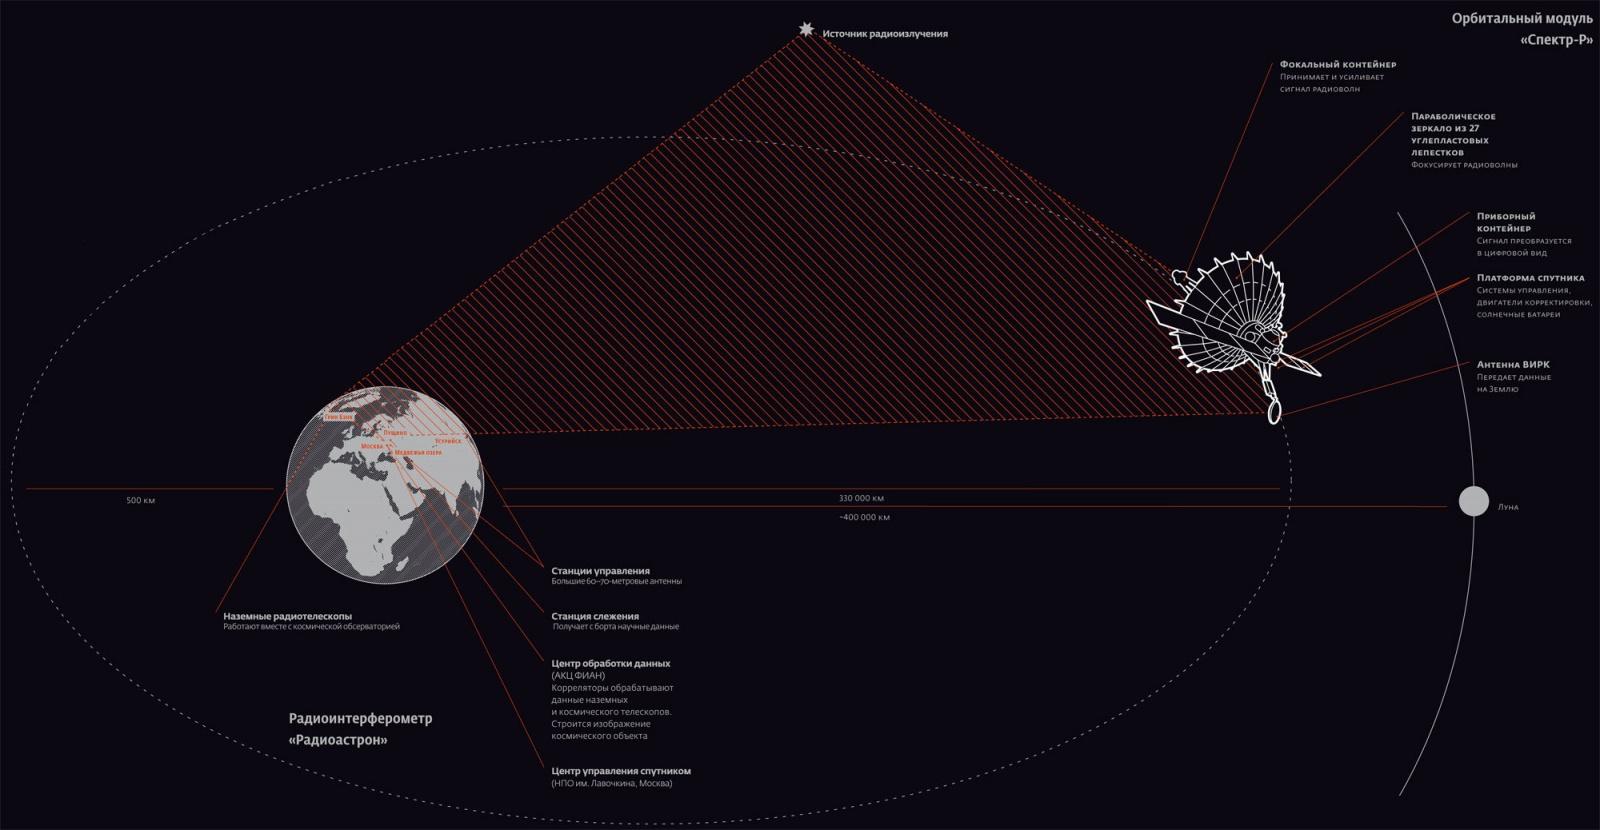 РадиоАстрону исполняется 7 лет - 1